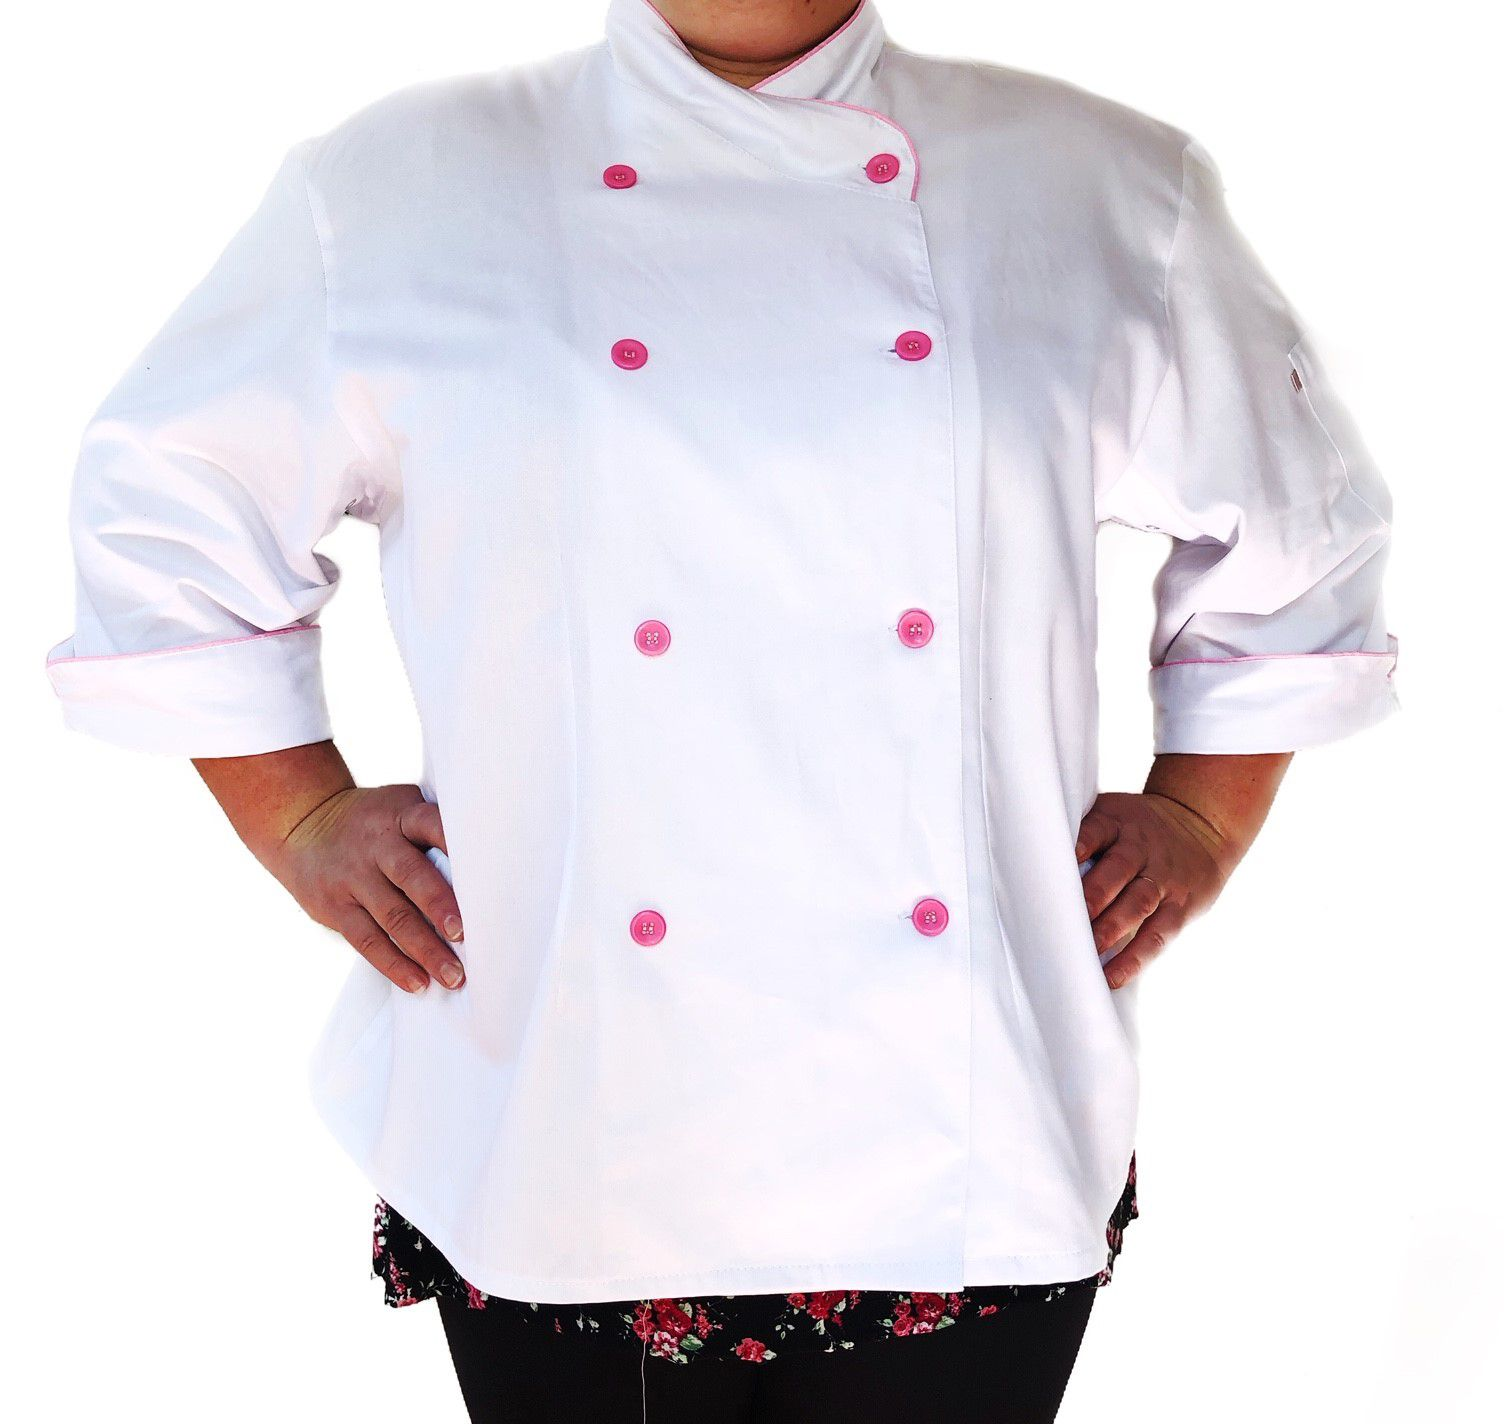 Dólmã Cecilia Feminina PLUS SIZE BRANCA com VIVO ROSA  Sarja Leve 100% algodão  com  botões ROSA